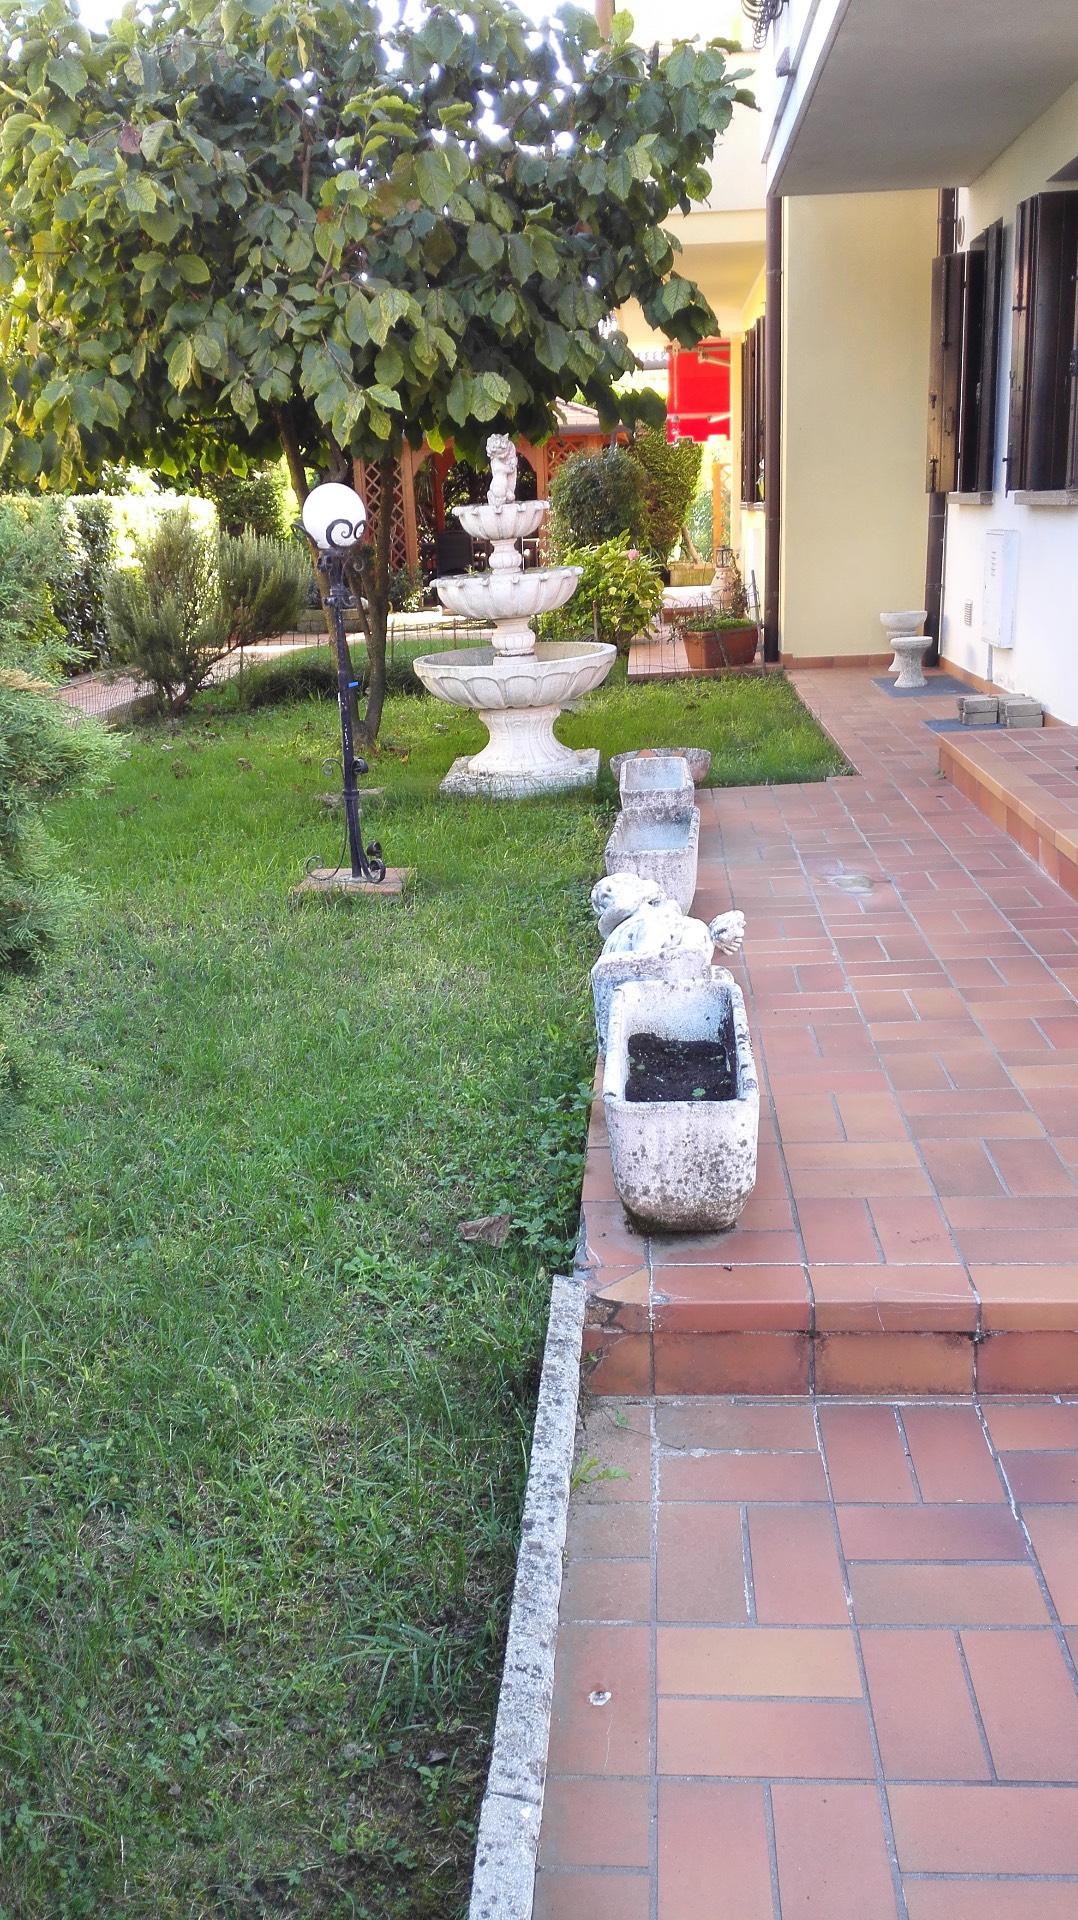 Villa Bifamiliare in vendita a Mareno di Piave, 5 locali, zona Località: BoccadiStrada, prezzo € 225.000 | CambioCasa.it